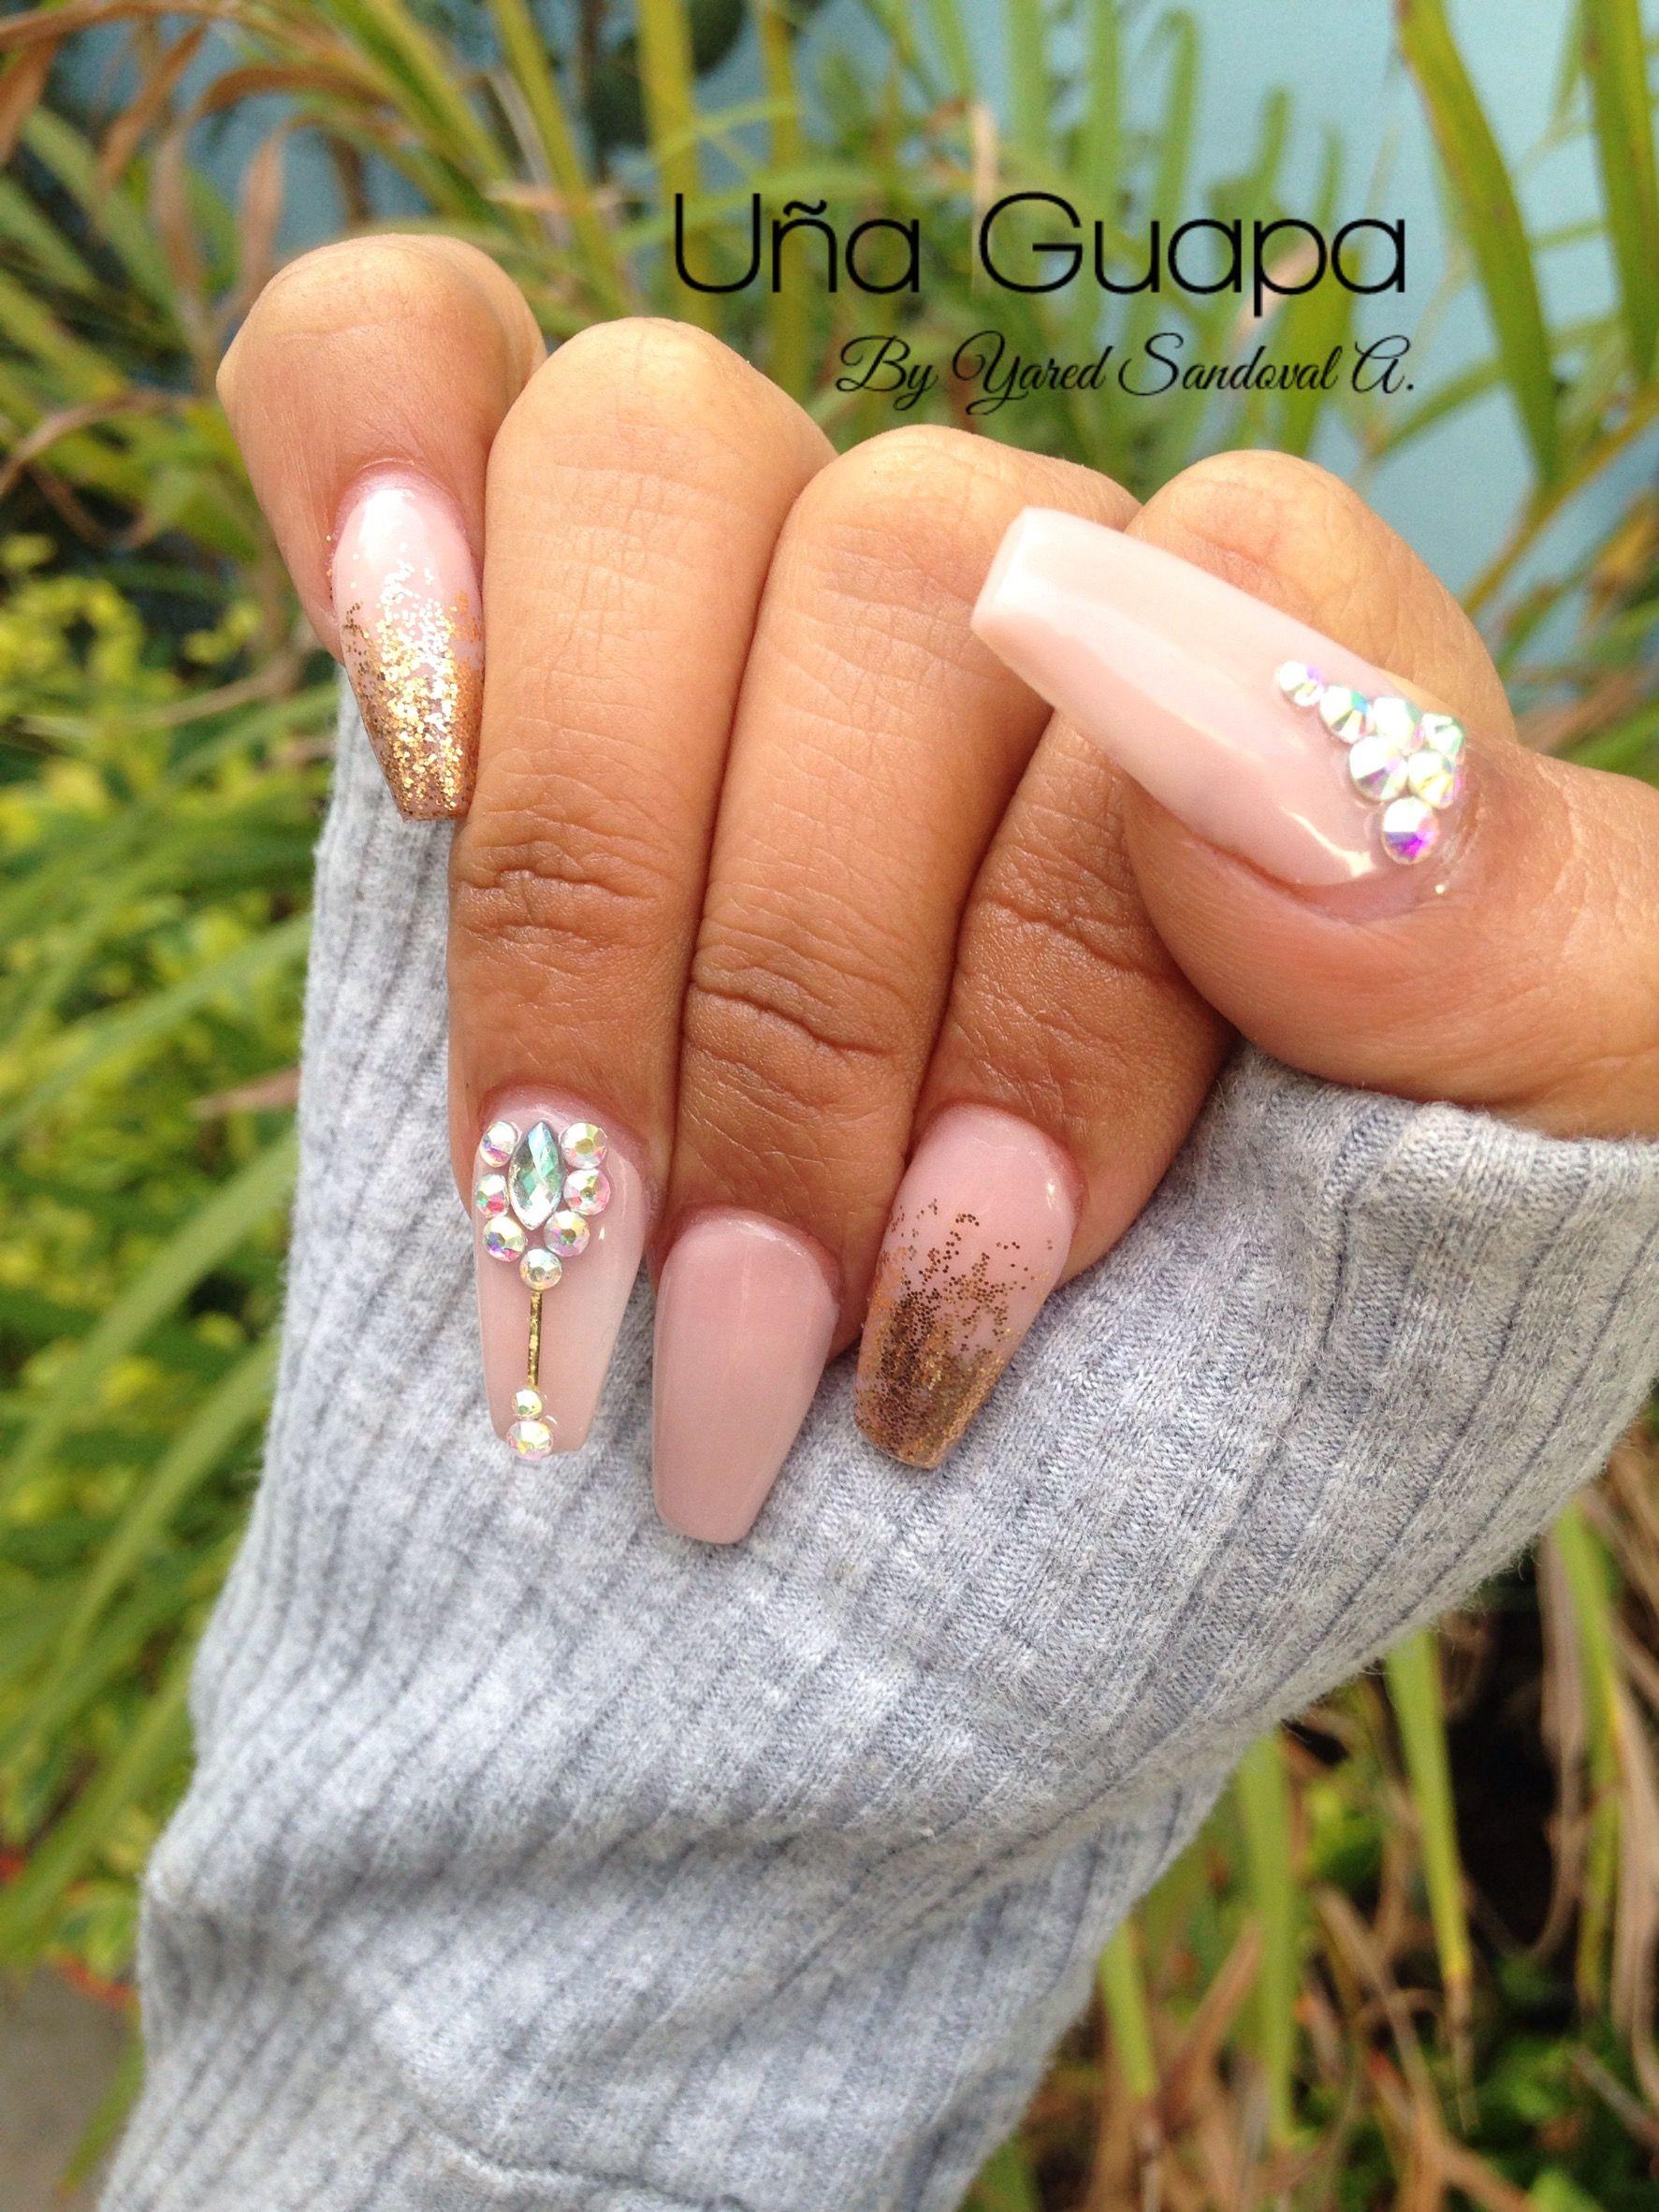 Uñas Acrílicas bonitas | Nails | Pinterest | Uñas acrílico y Bonitas